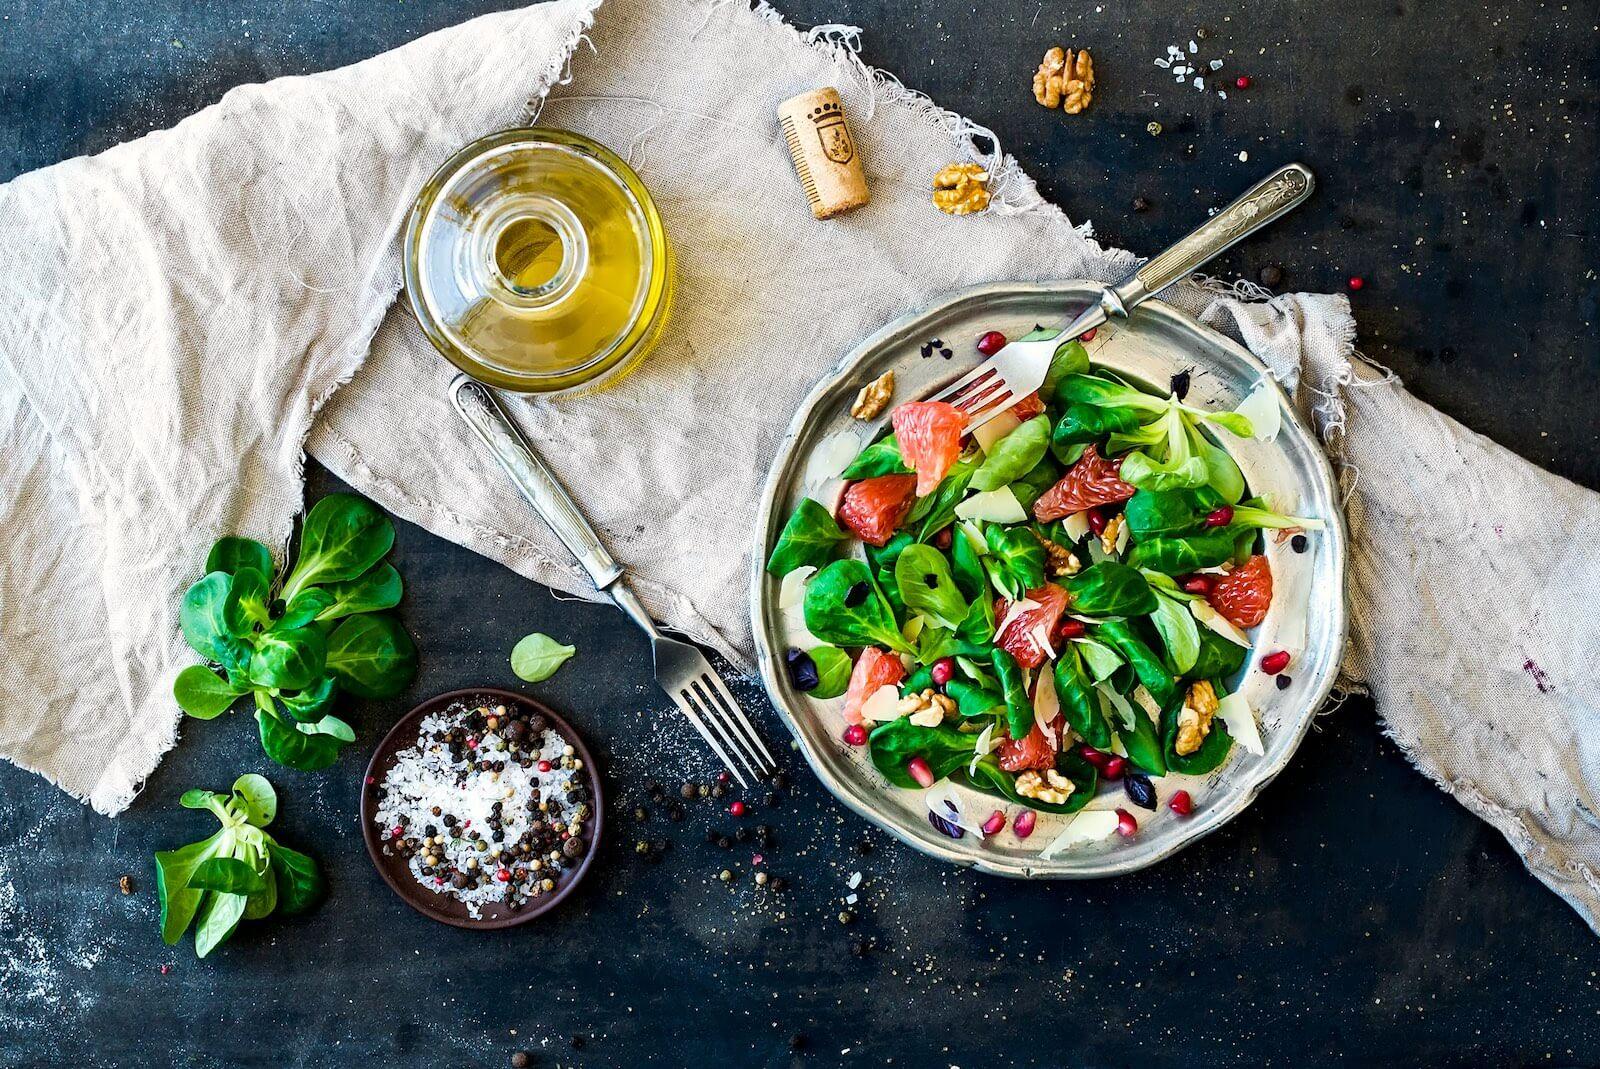 Здорове харчування смачно та швидко